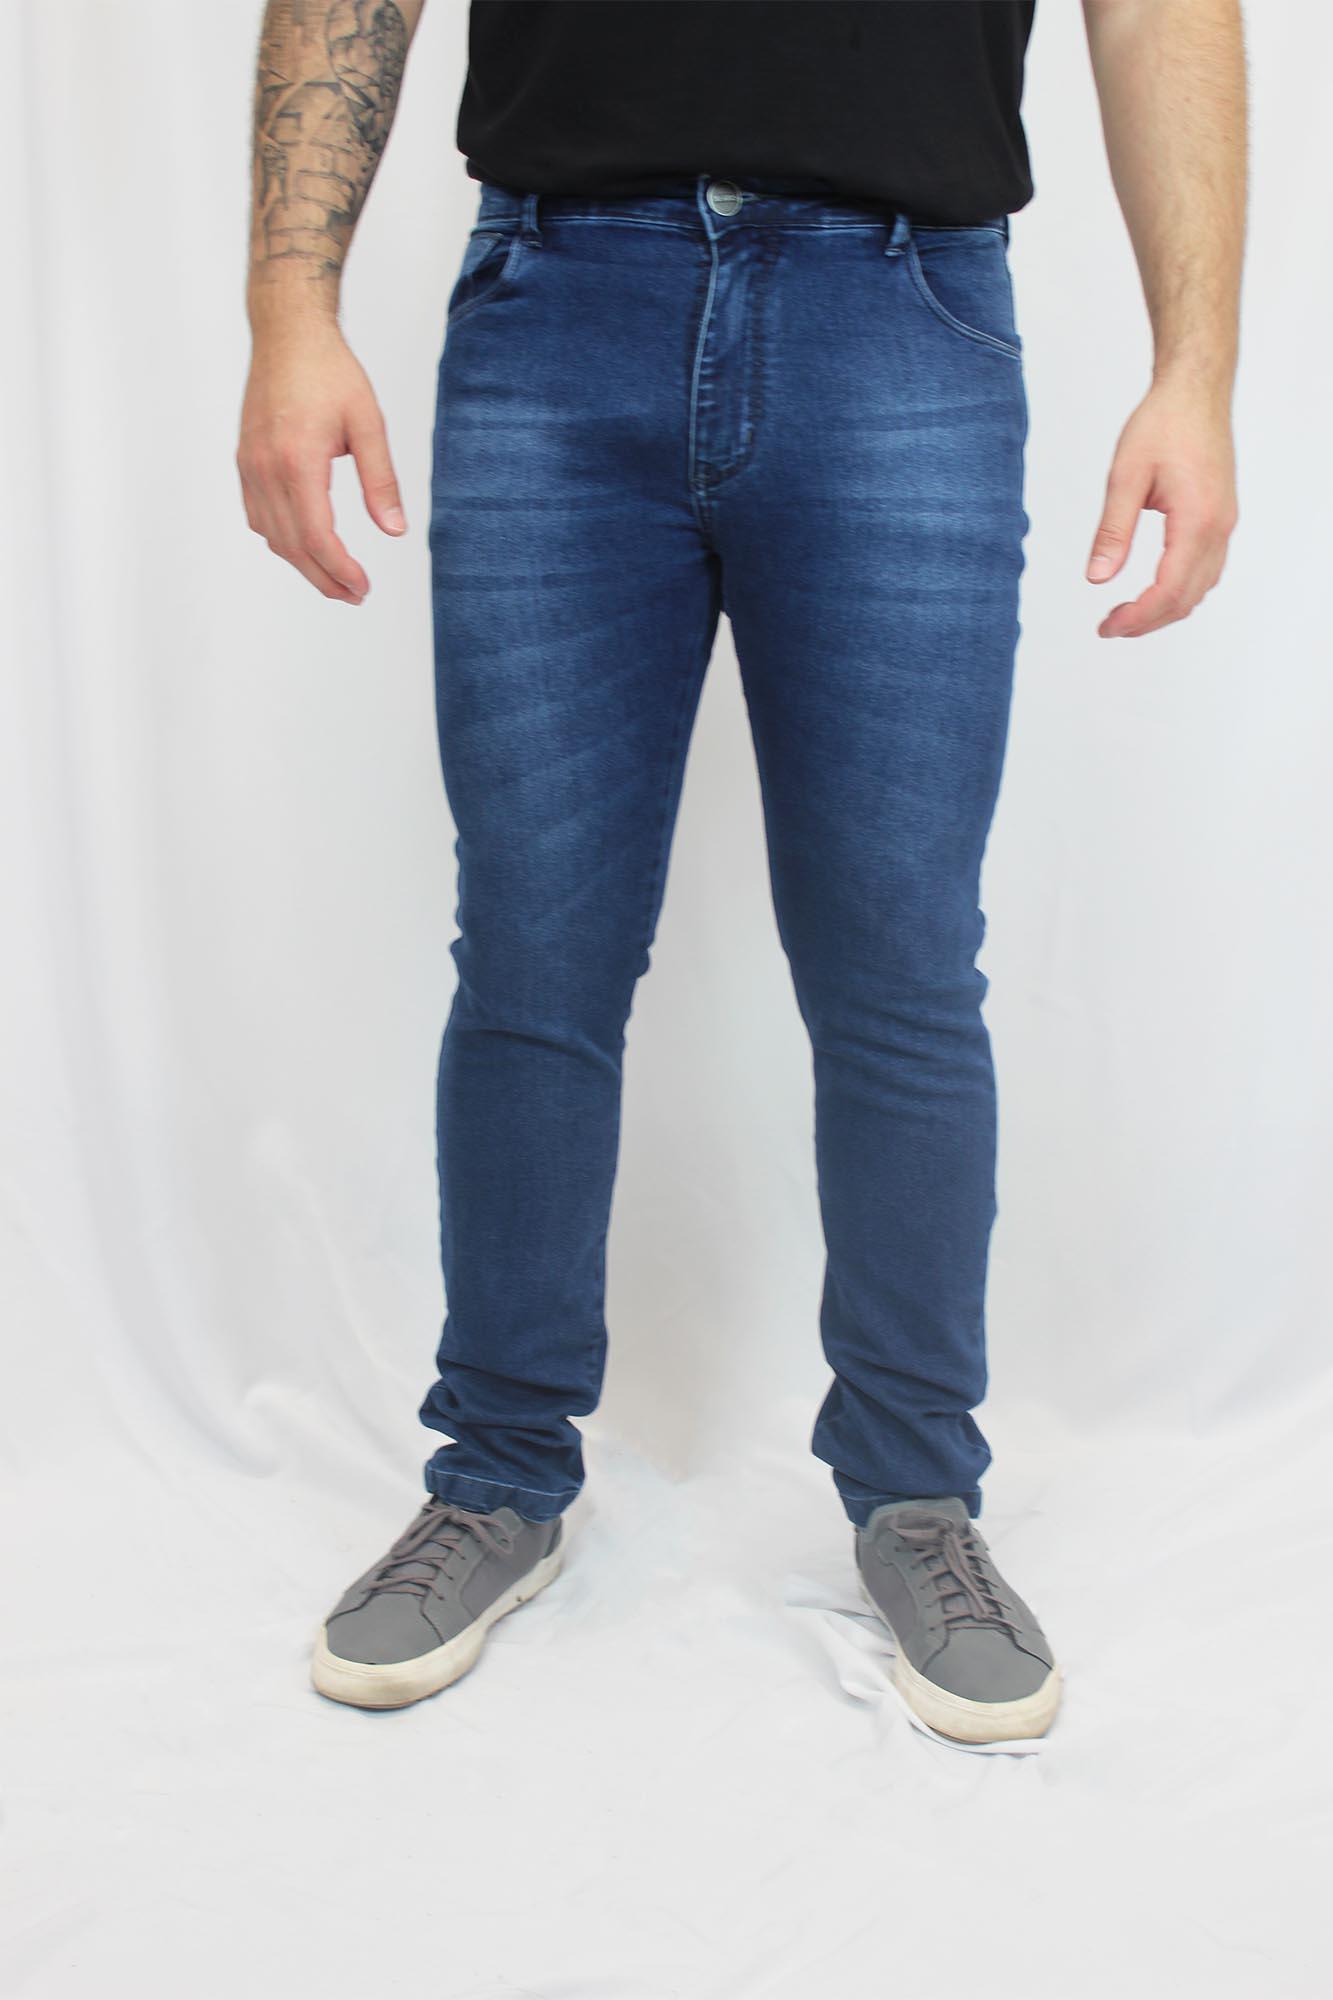 Calça Jeans Slim com Elastano Estonada Garcez Masculina - Azul